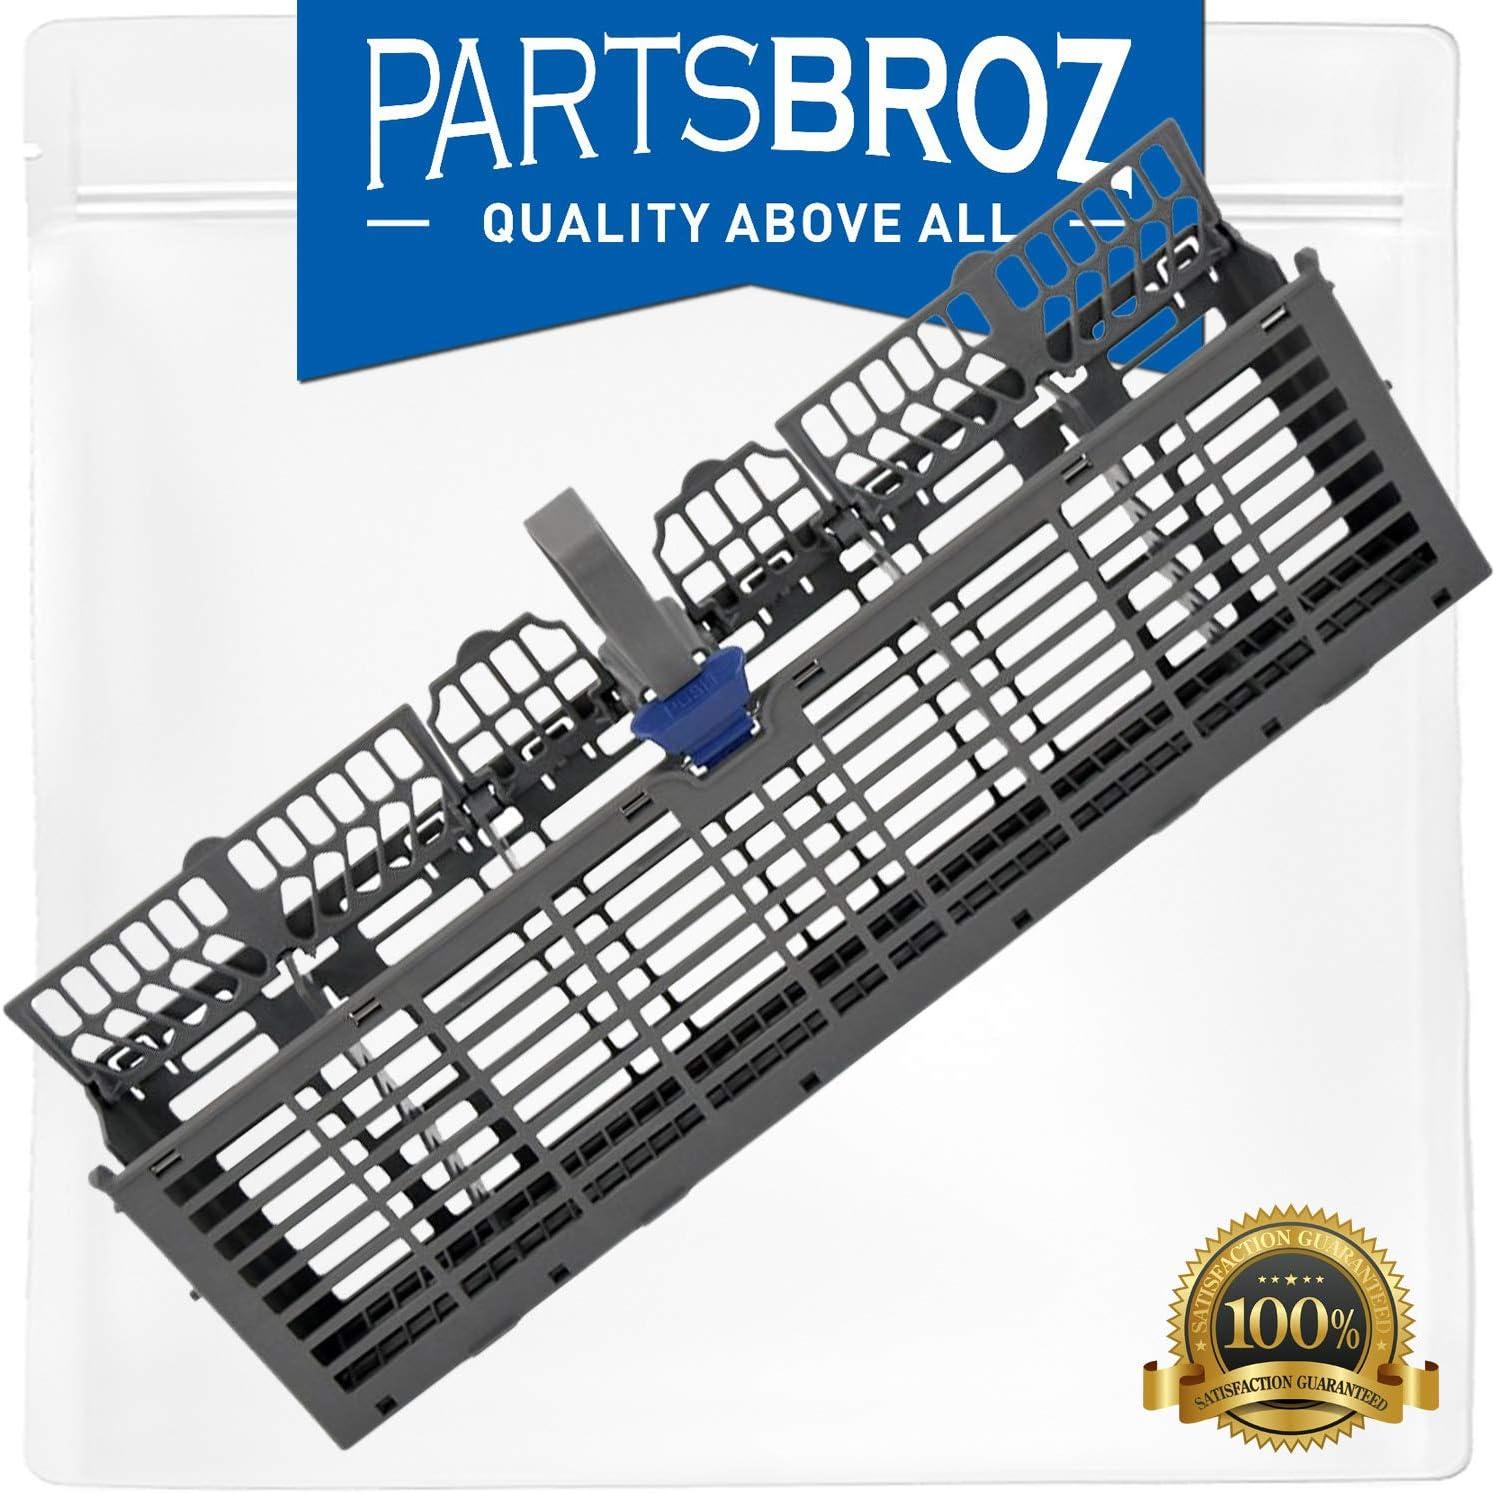 W11158804 Silverware Basket by PartsBroz - Compatible with Whirlpool Dishwashers - Replaces AP6278121, W10810490, WPW10350340, WPW10336560, WP8562061, 8562061, W10336560, W10350340, W10629540